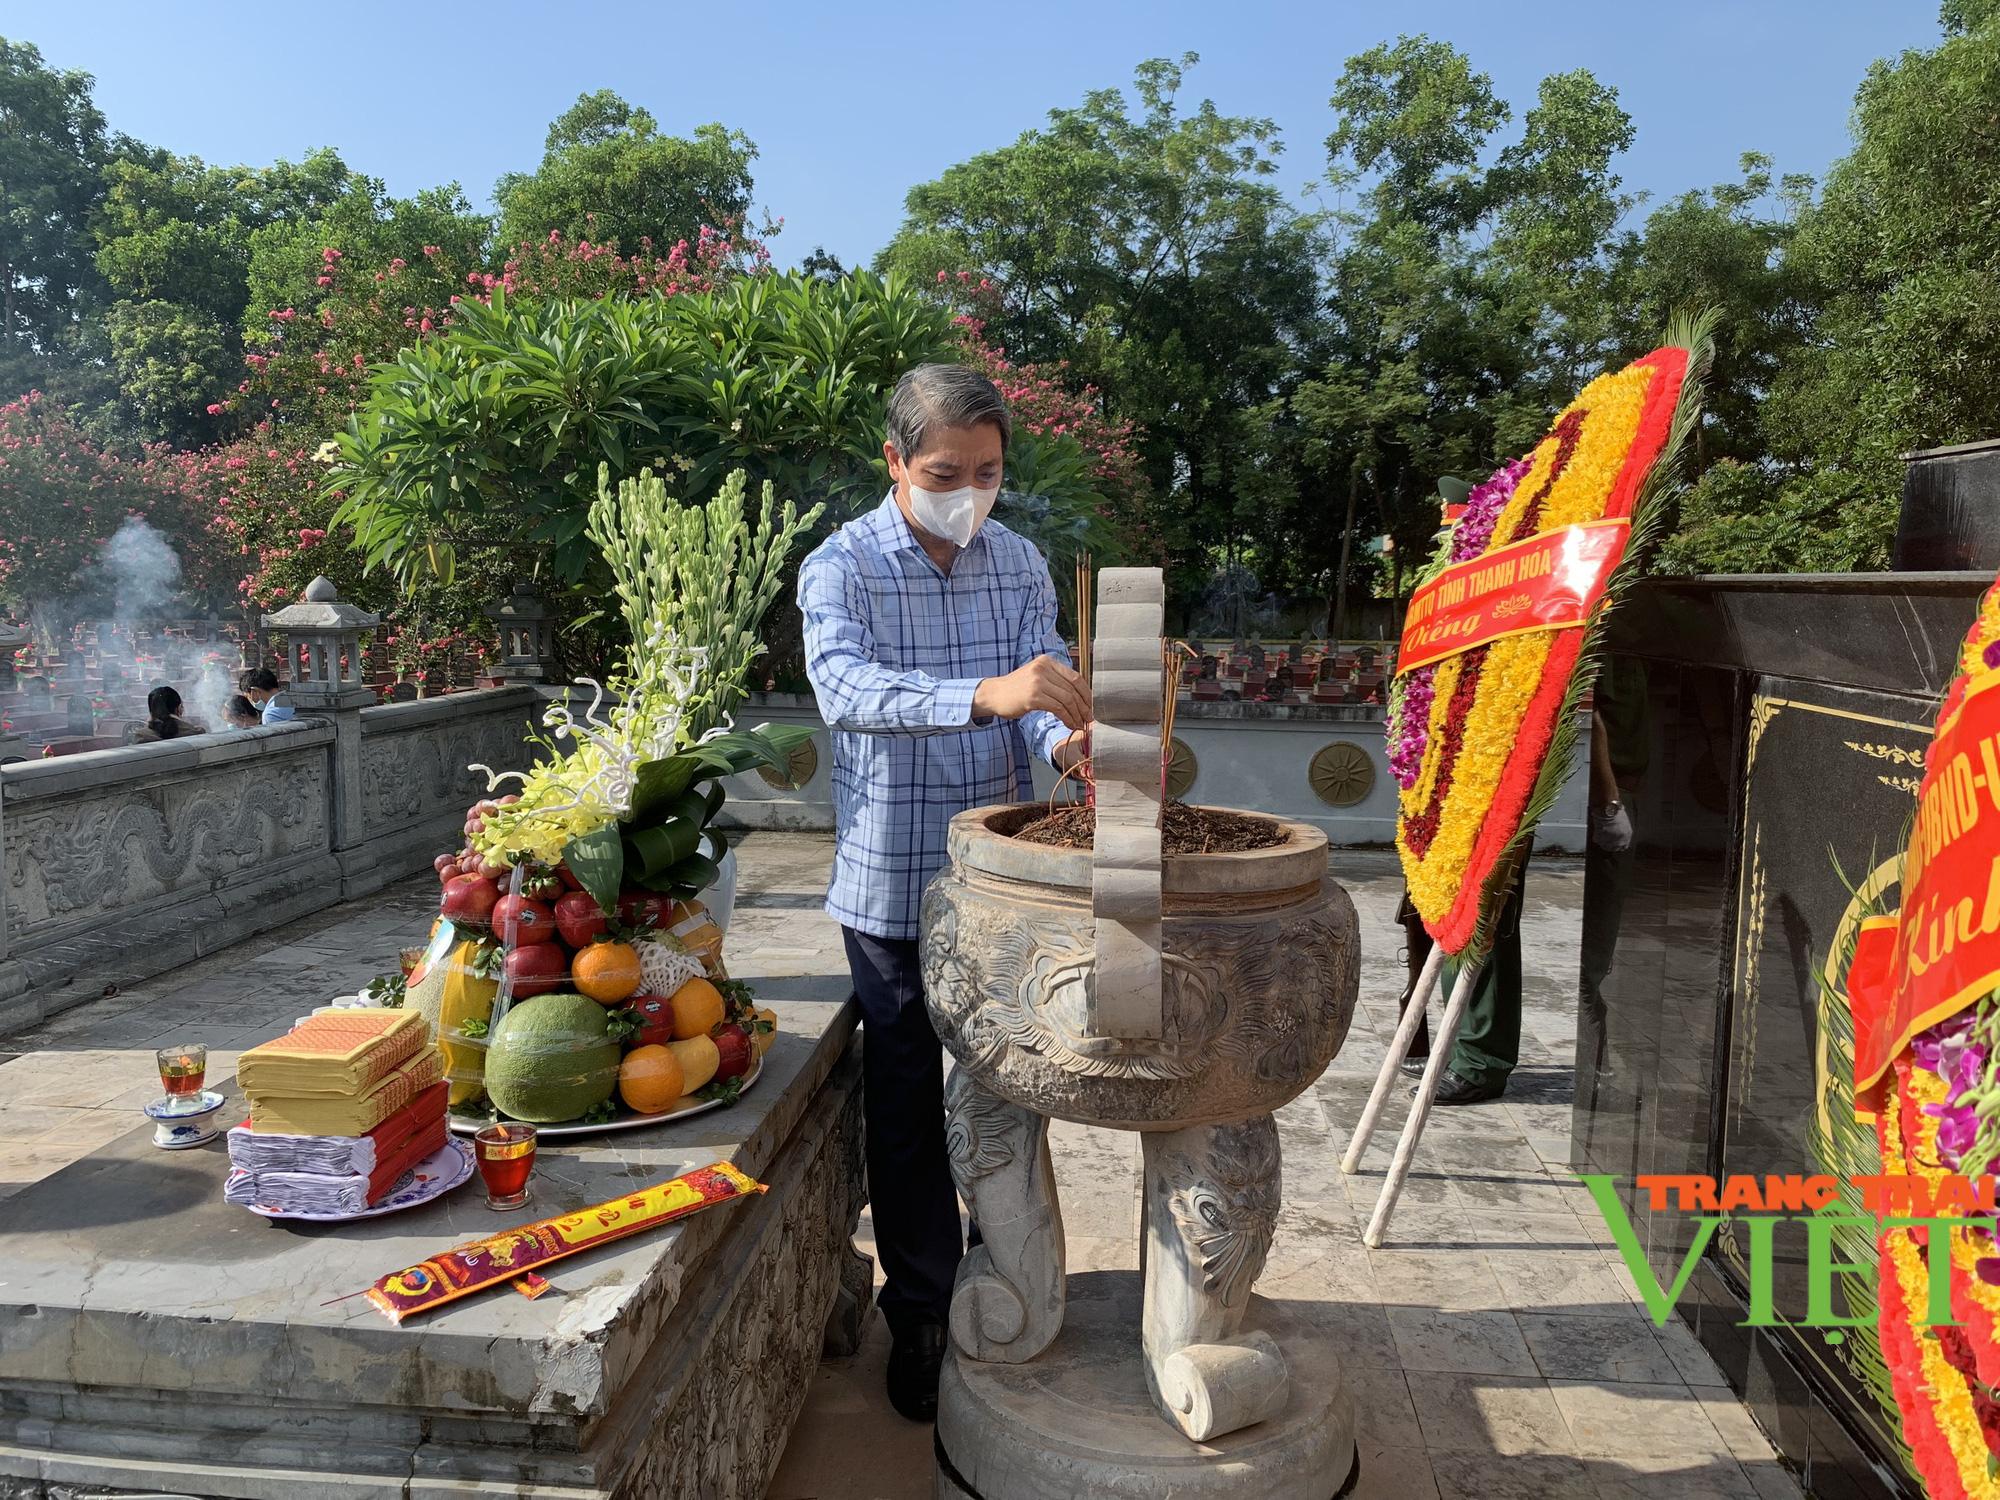 Phó Chủ tịch UBND tỉnh Thanh Hoá viếng nghĩa trang liệt sĩ và tặng quà các gia đình chính sách 2 huyện  - Ảnh 2.